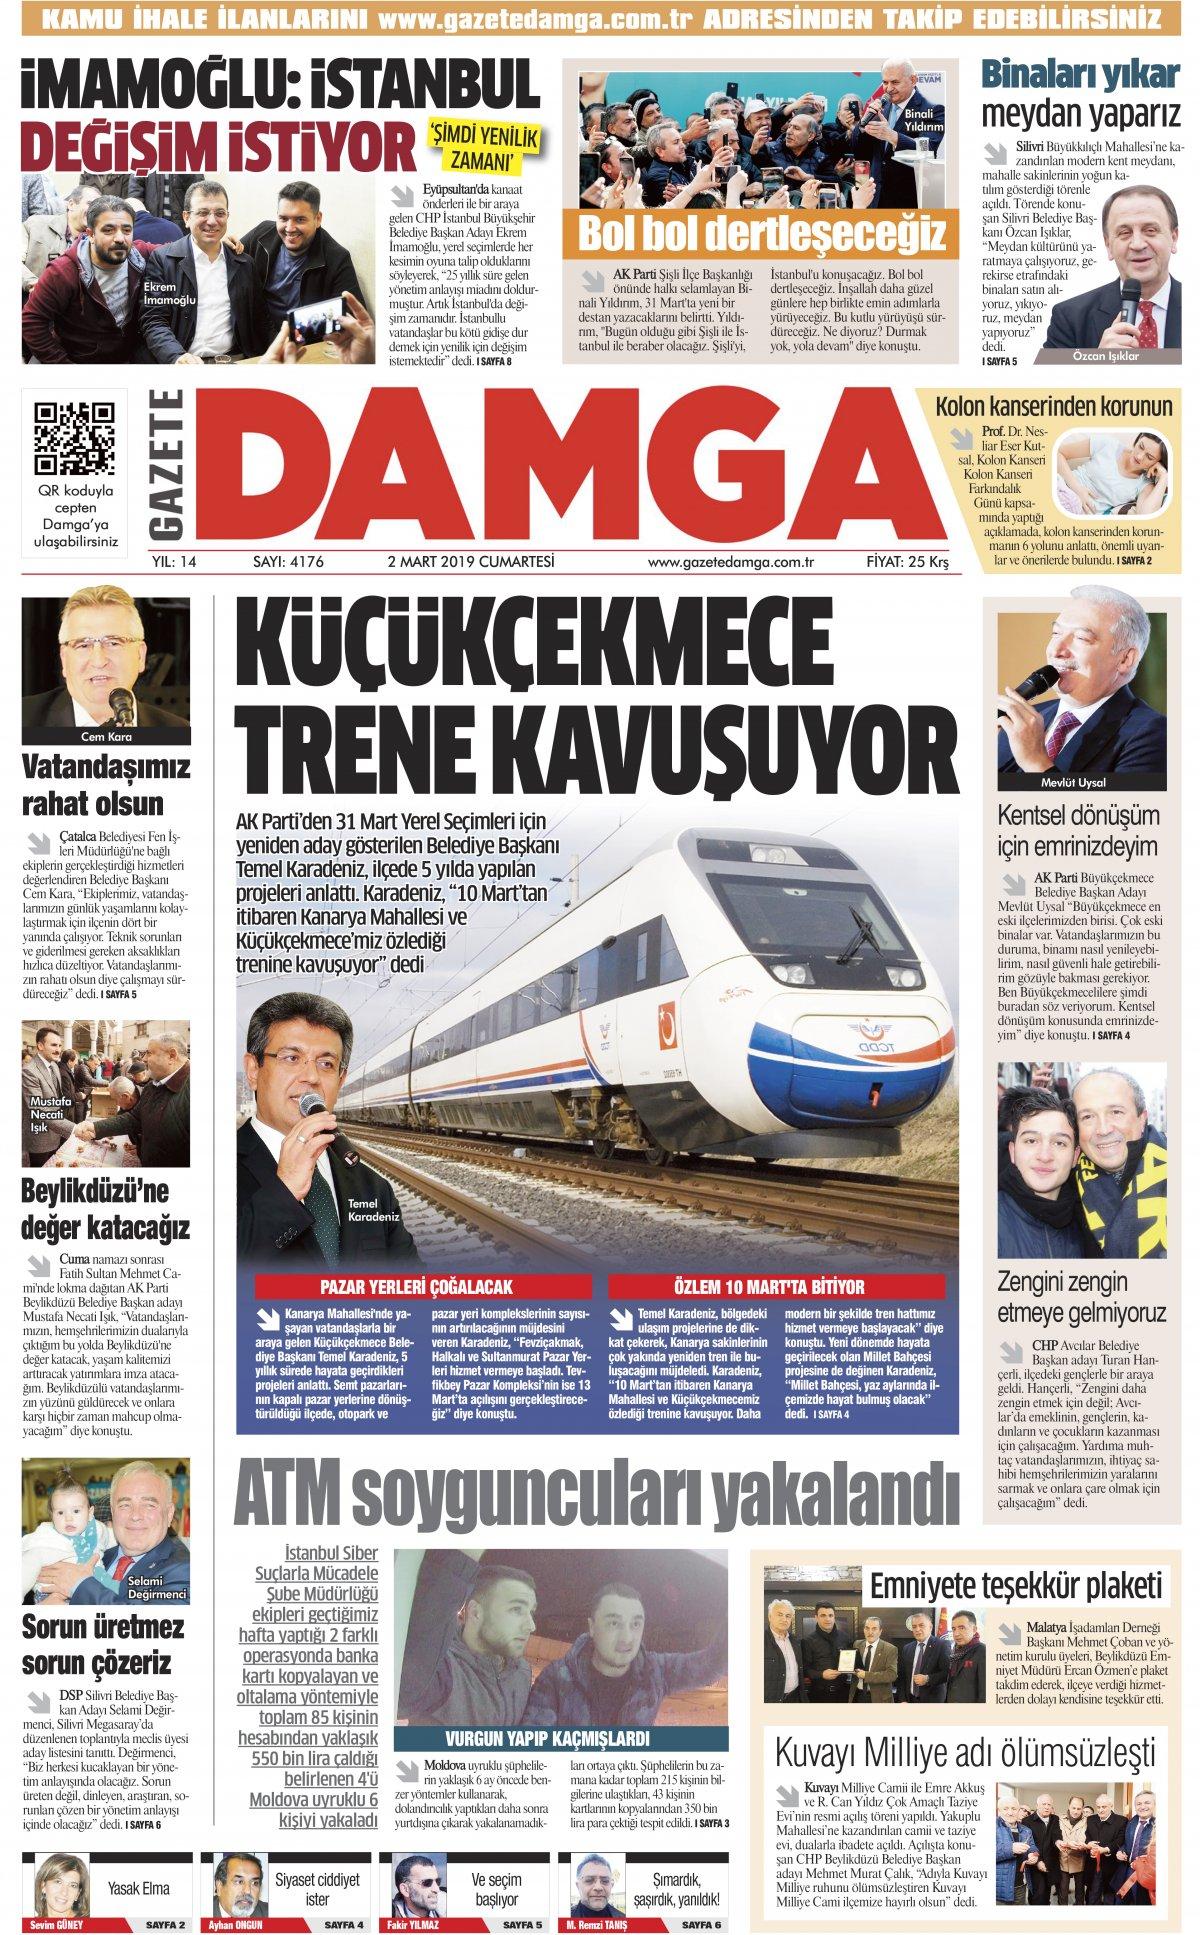 Gazete Damga - 02.03.2019 Sayfaları